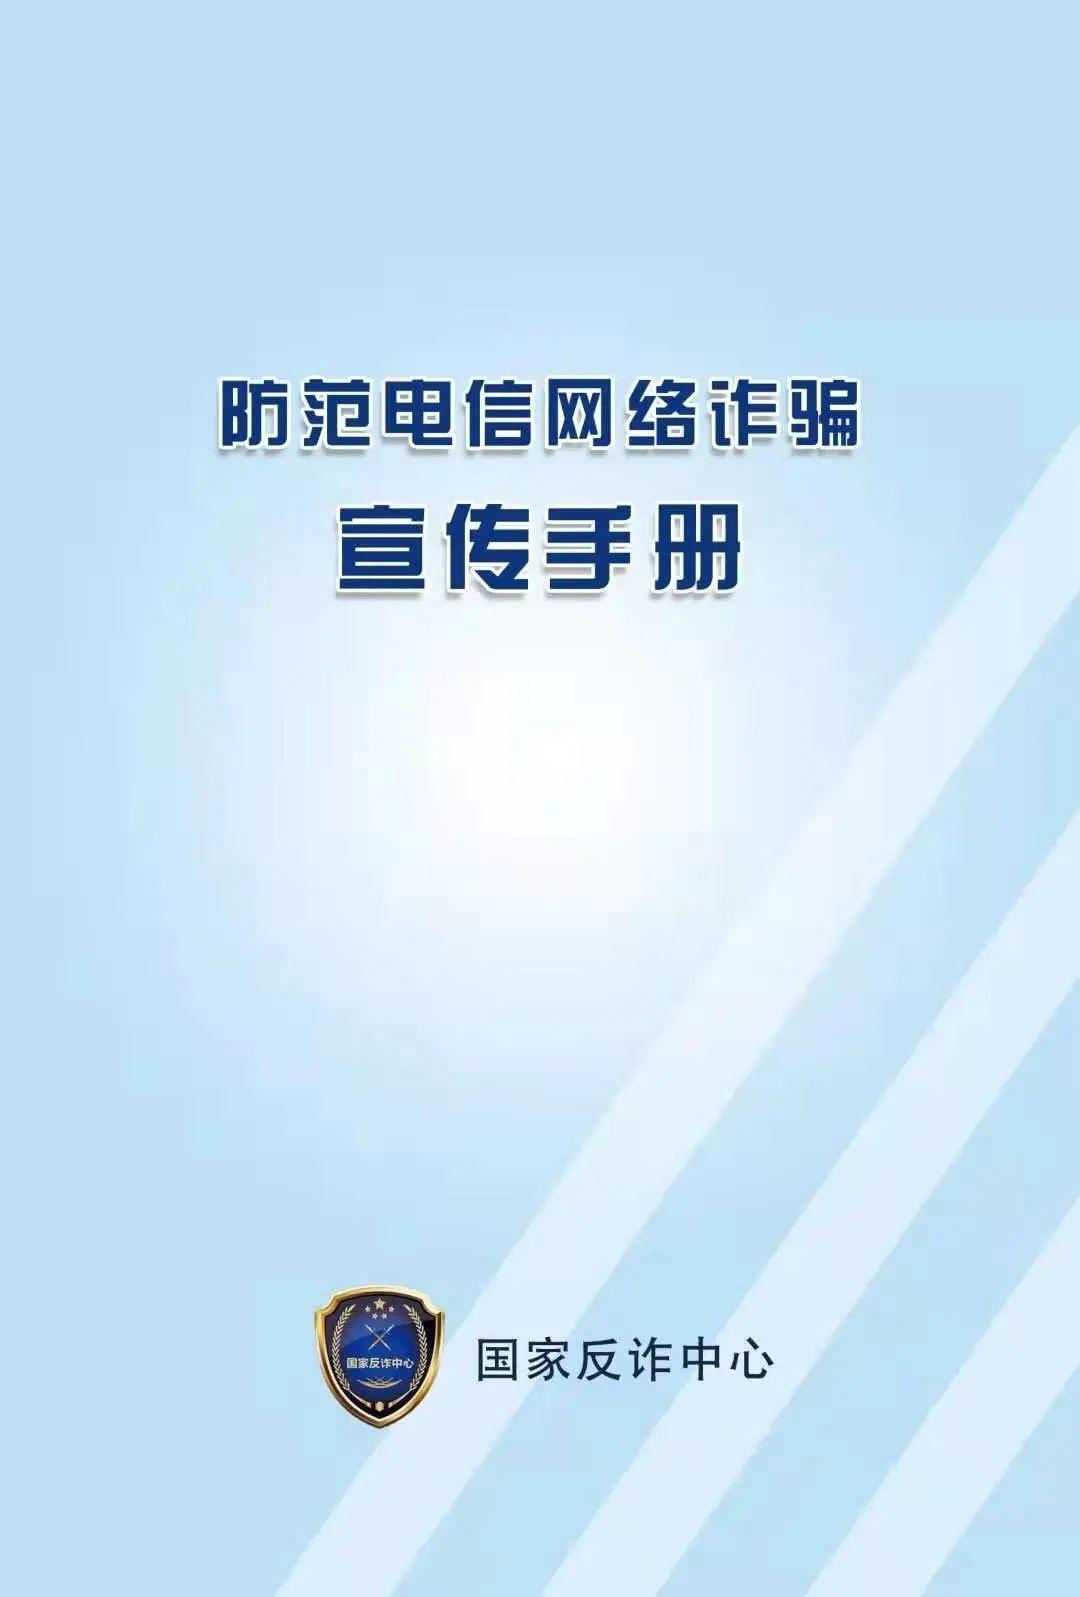 海林市检察院:提醒广大市民防范电信网络诈骗